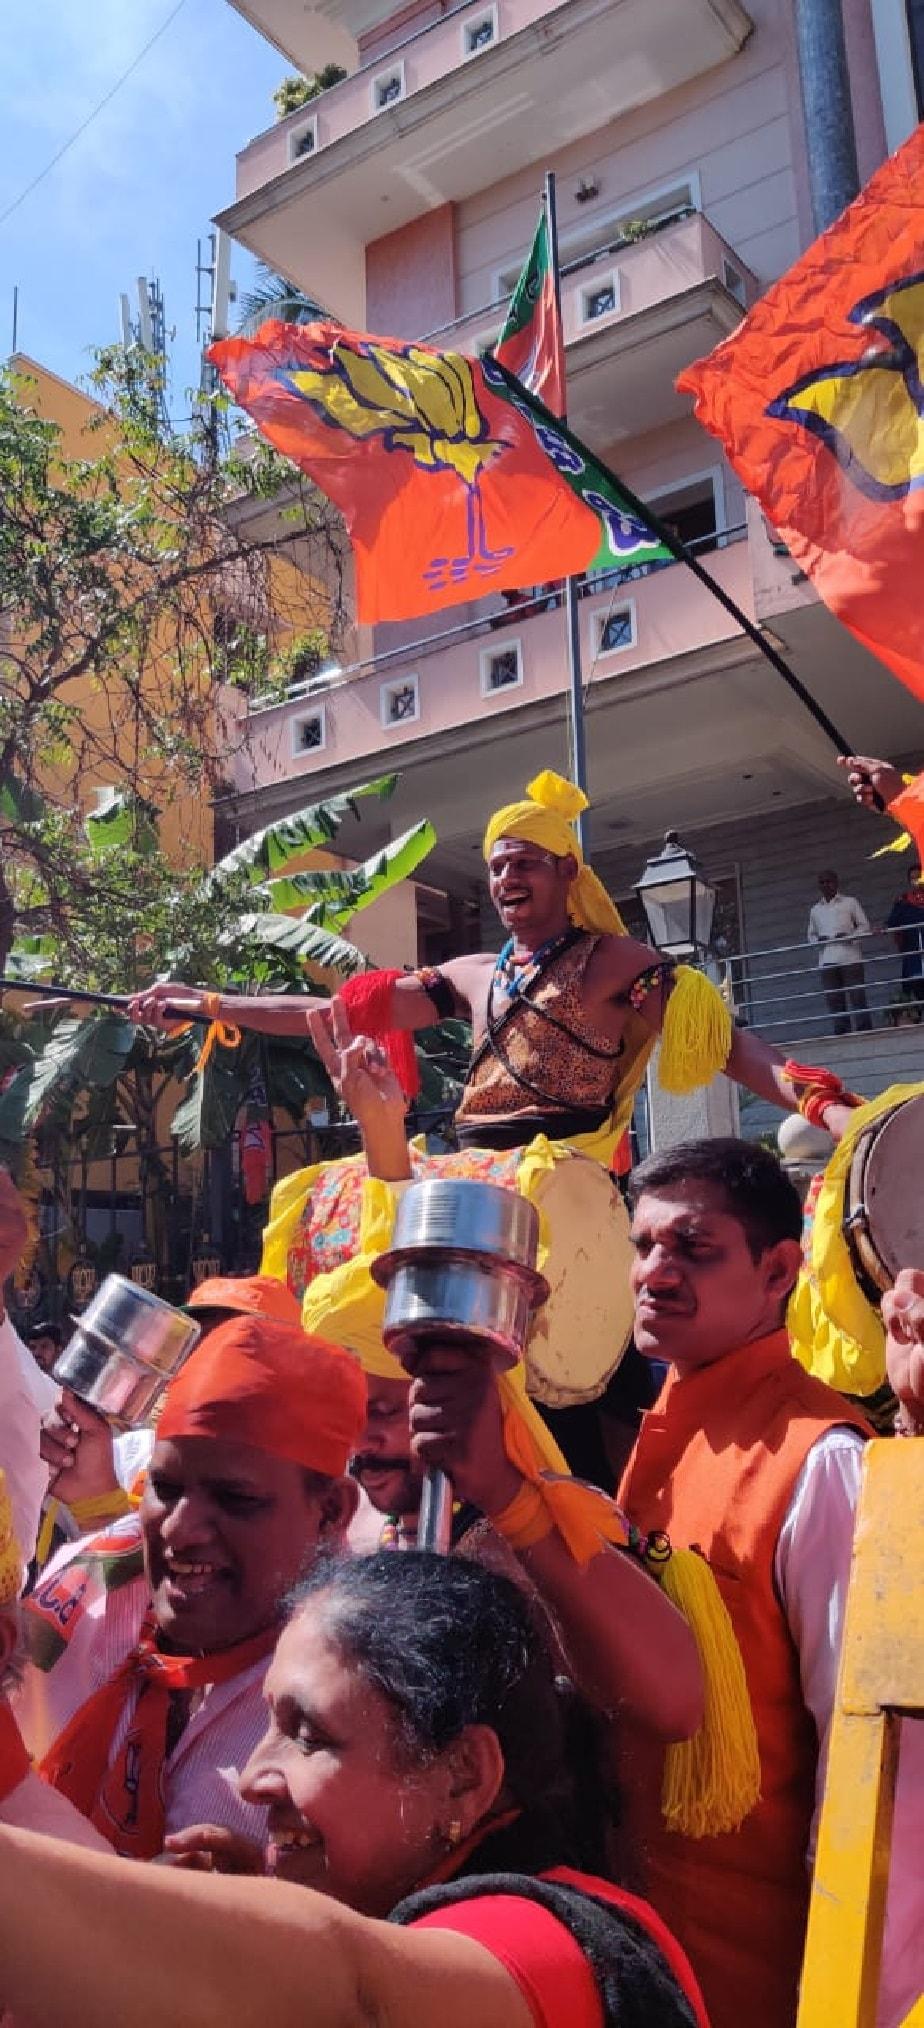 ಈ ಉಪಚುನಾವಣೆಯಲ್ಲಿ ಬಿಜೆಪಿ ಭರ್ಜರಿ ಗೆಲುವು ಸಾಧಿಸಿದ ಹಿನ್ನೆಲೆ, ಬಿಜೆಪಿ ಕಚೇರಿ ಮುಂಭಾಗ ಬೆಂಬಲಿಗರು ಮತ್ತು ಕಾರ್ಯಕರ್ತರು ಬಾವುಟ ಹಿಡಿದು ಸಂಭ್ರಮಿಸುತ್ತಿರುವುದು